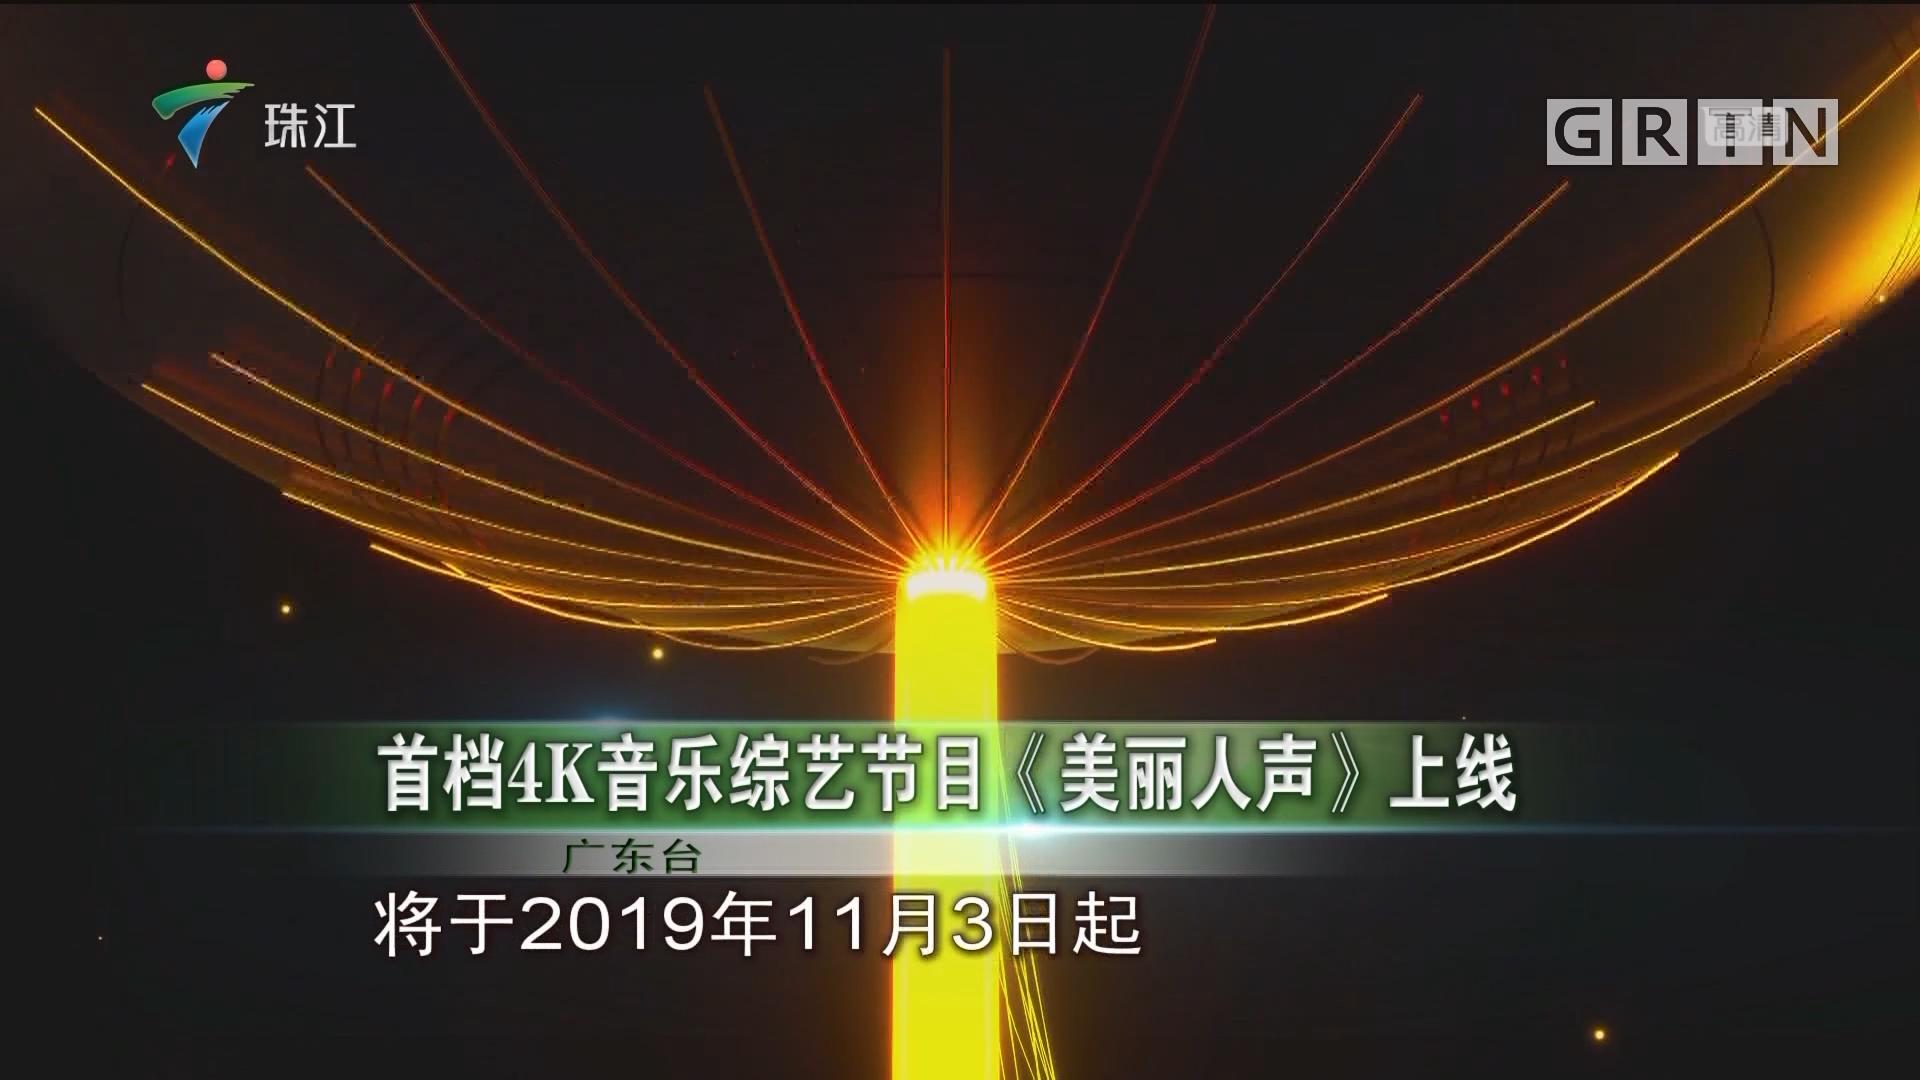 首档4K音乐综艺节目《美丽人声》上线